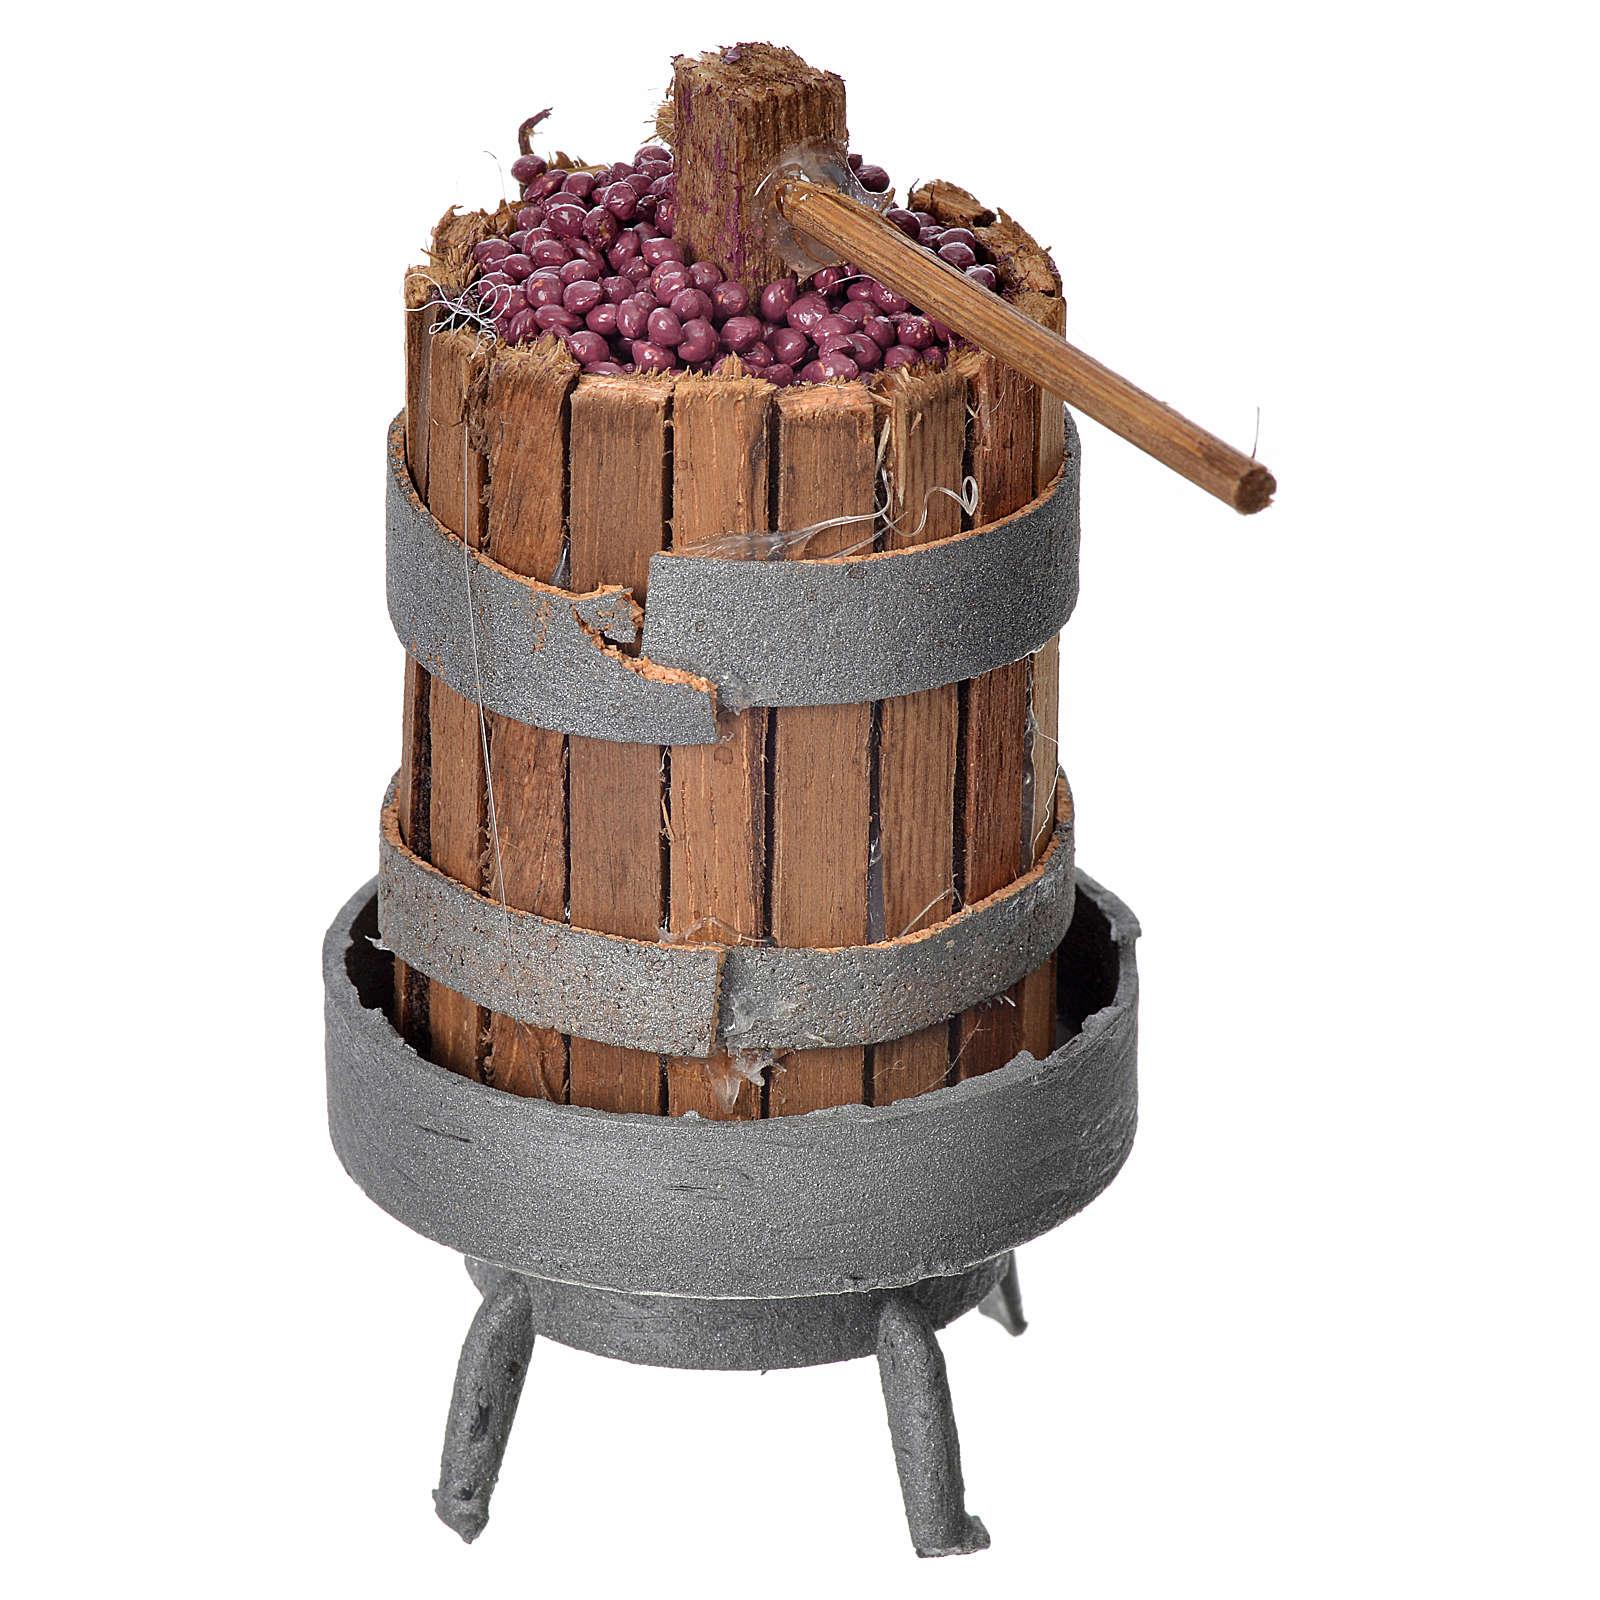 Prasa z drewna i winogron do szopki wysokość 9.5 cm 4